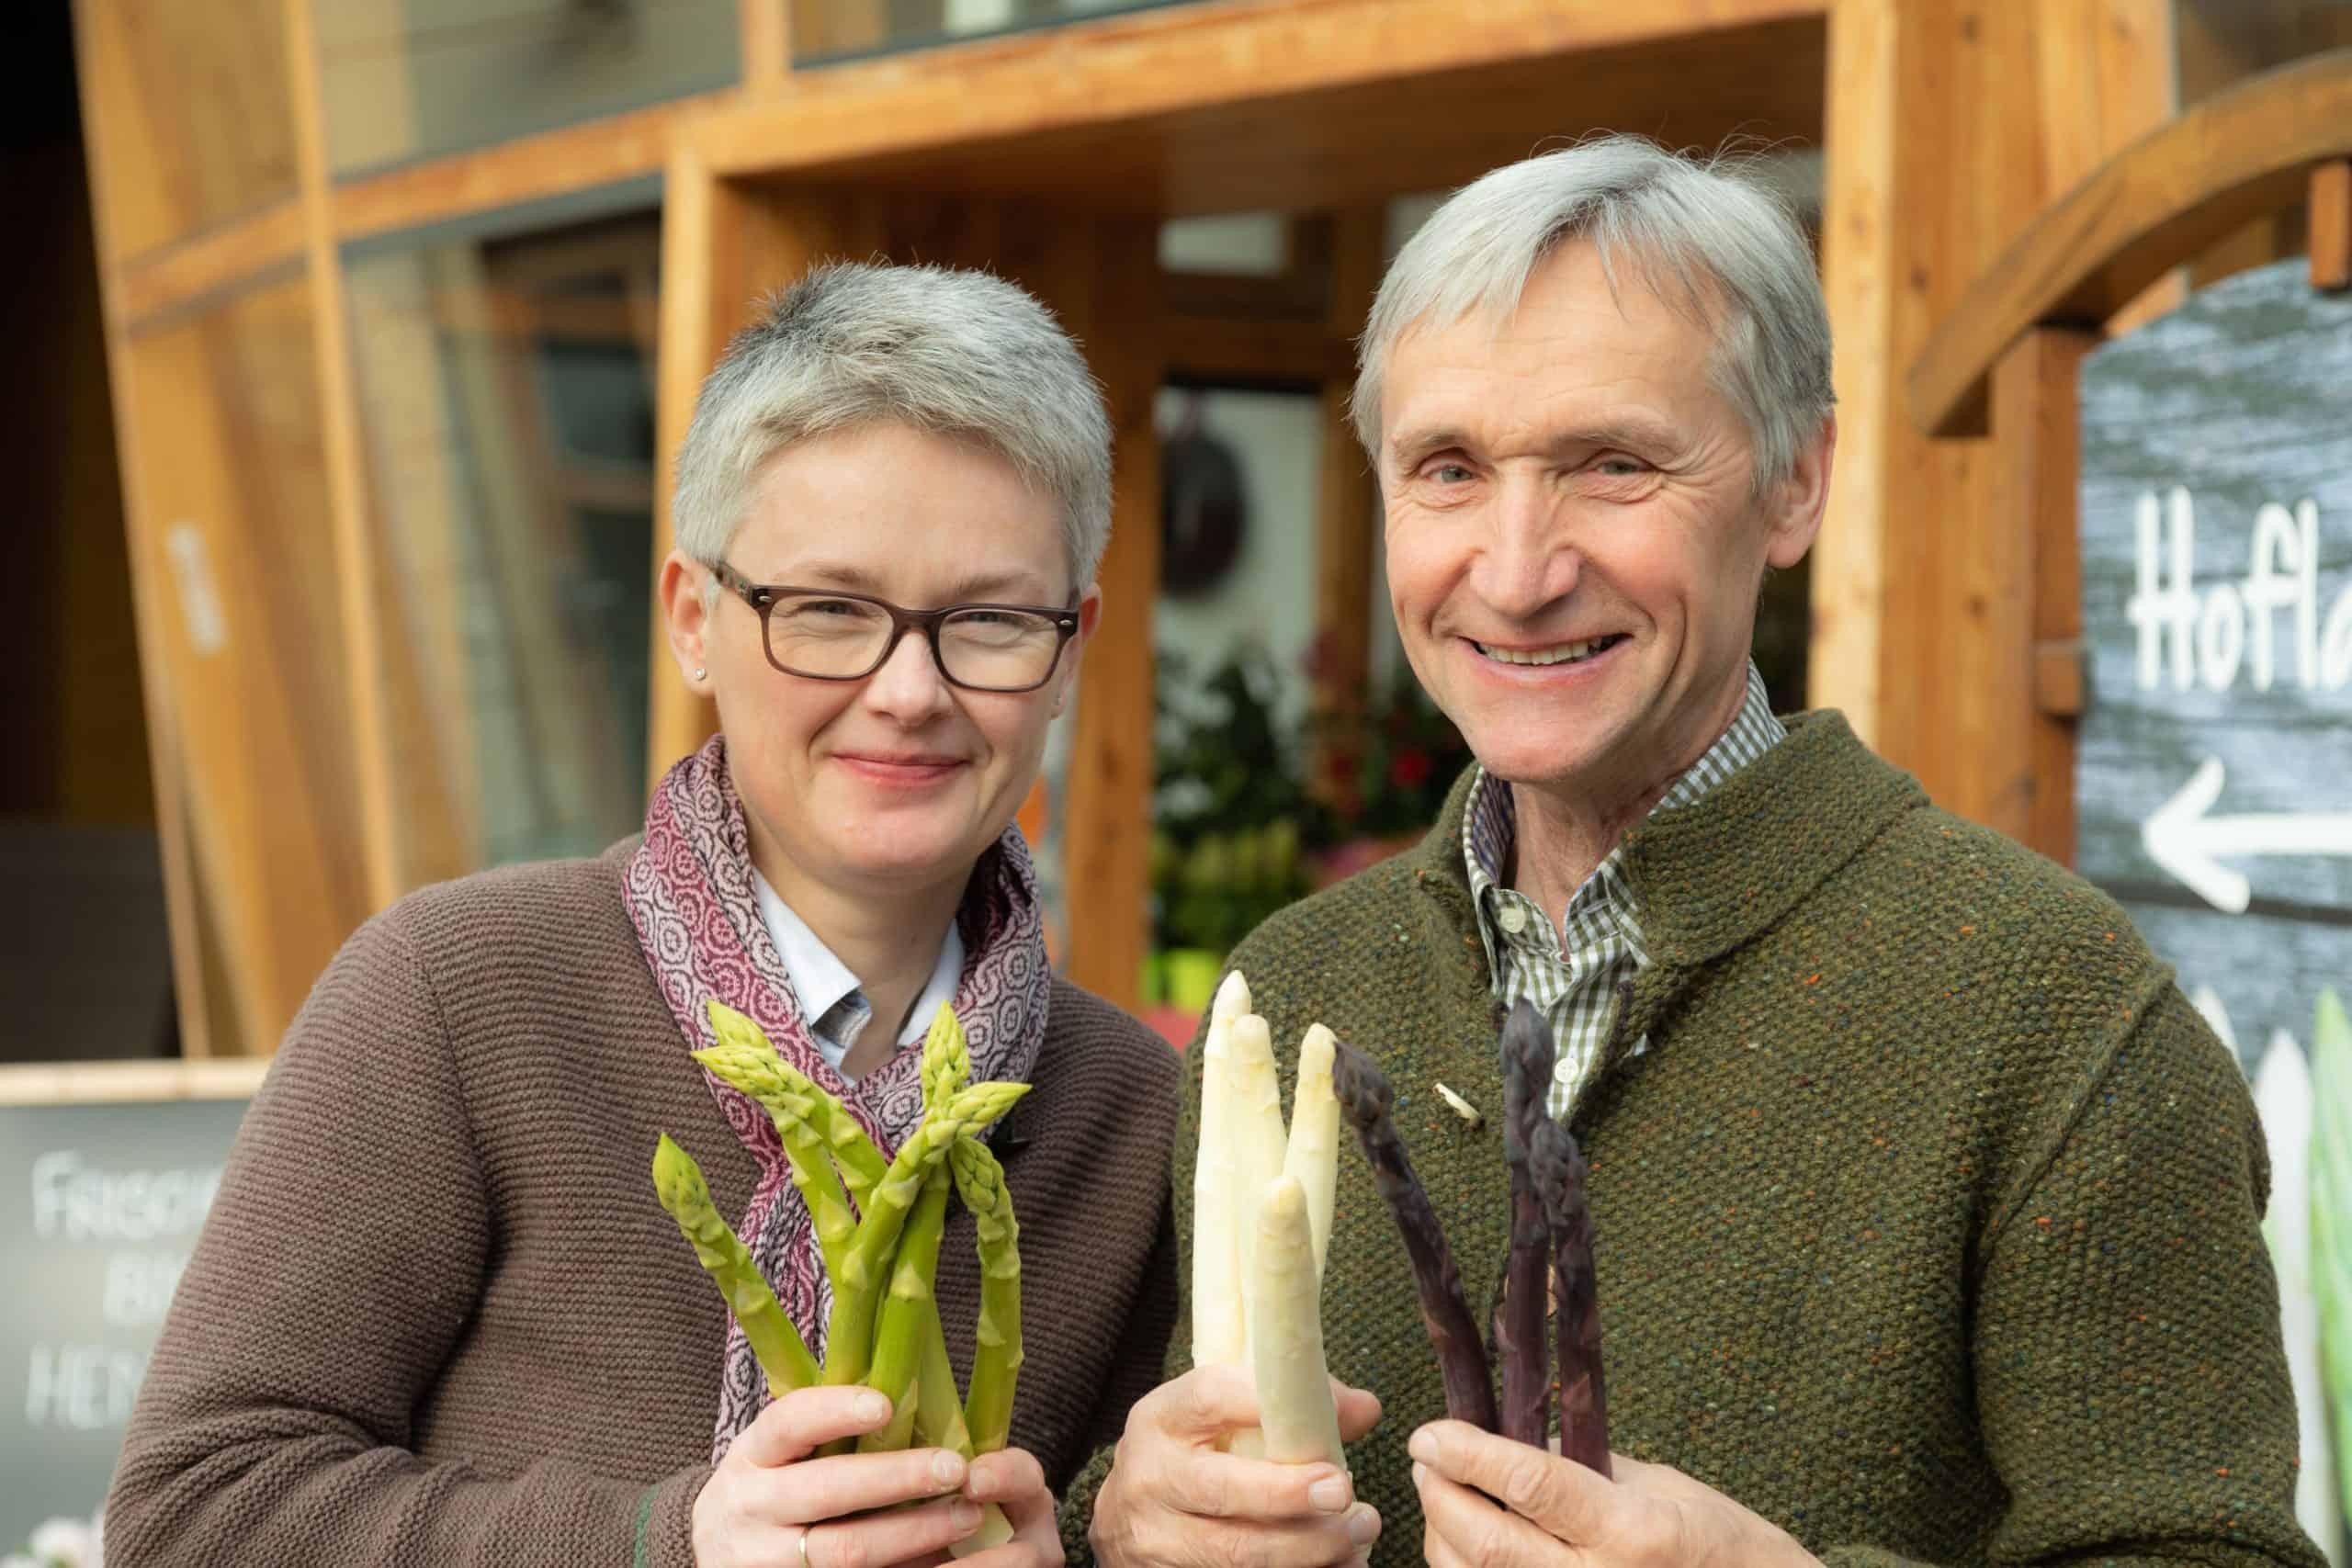 Barbara und Werne Magoschitz mit Spargel in den Händen vor ihrem Hofladen